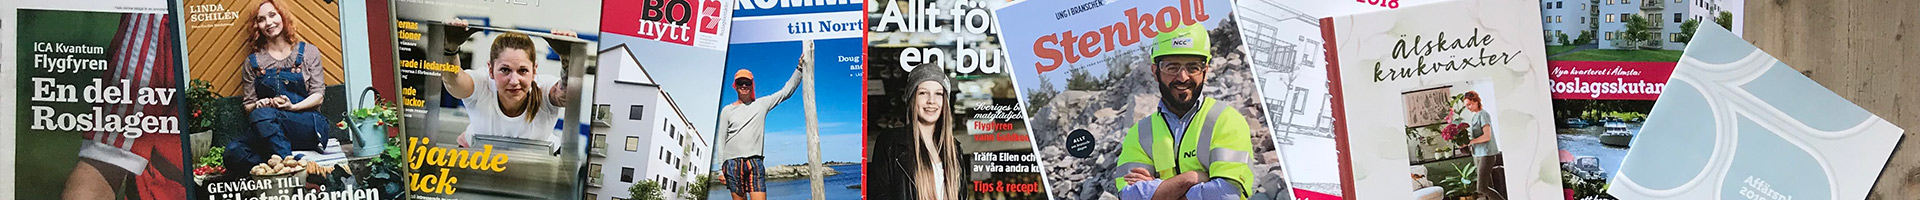 Böcker, bokproduktion Kontakta | Sundin Reklamstudio